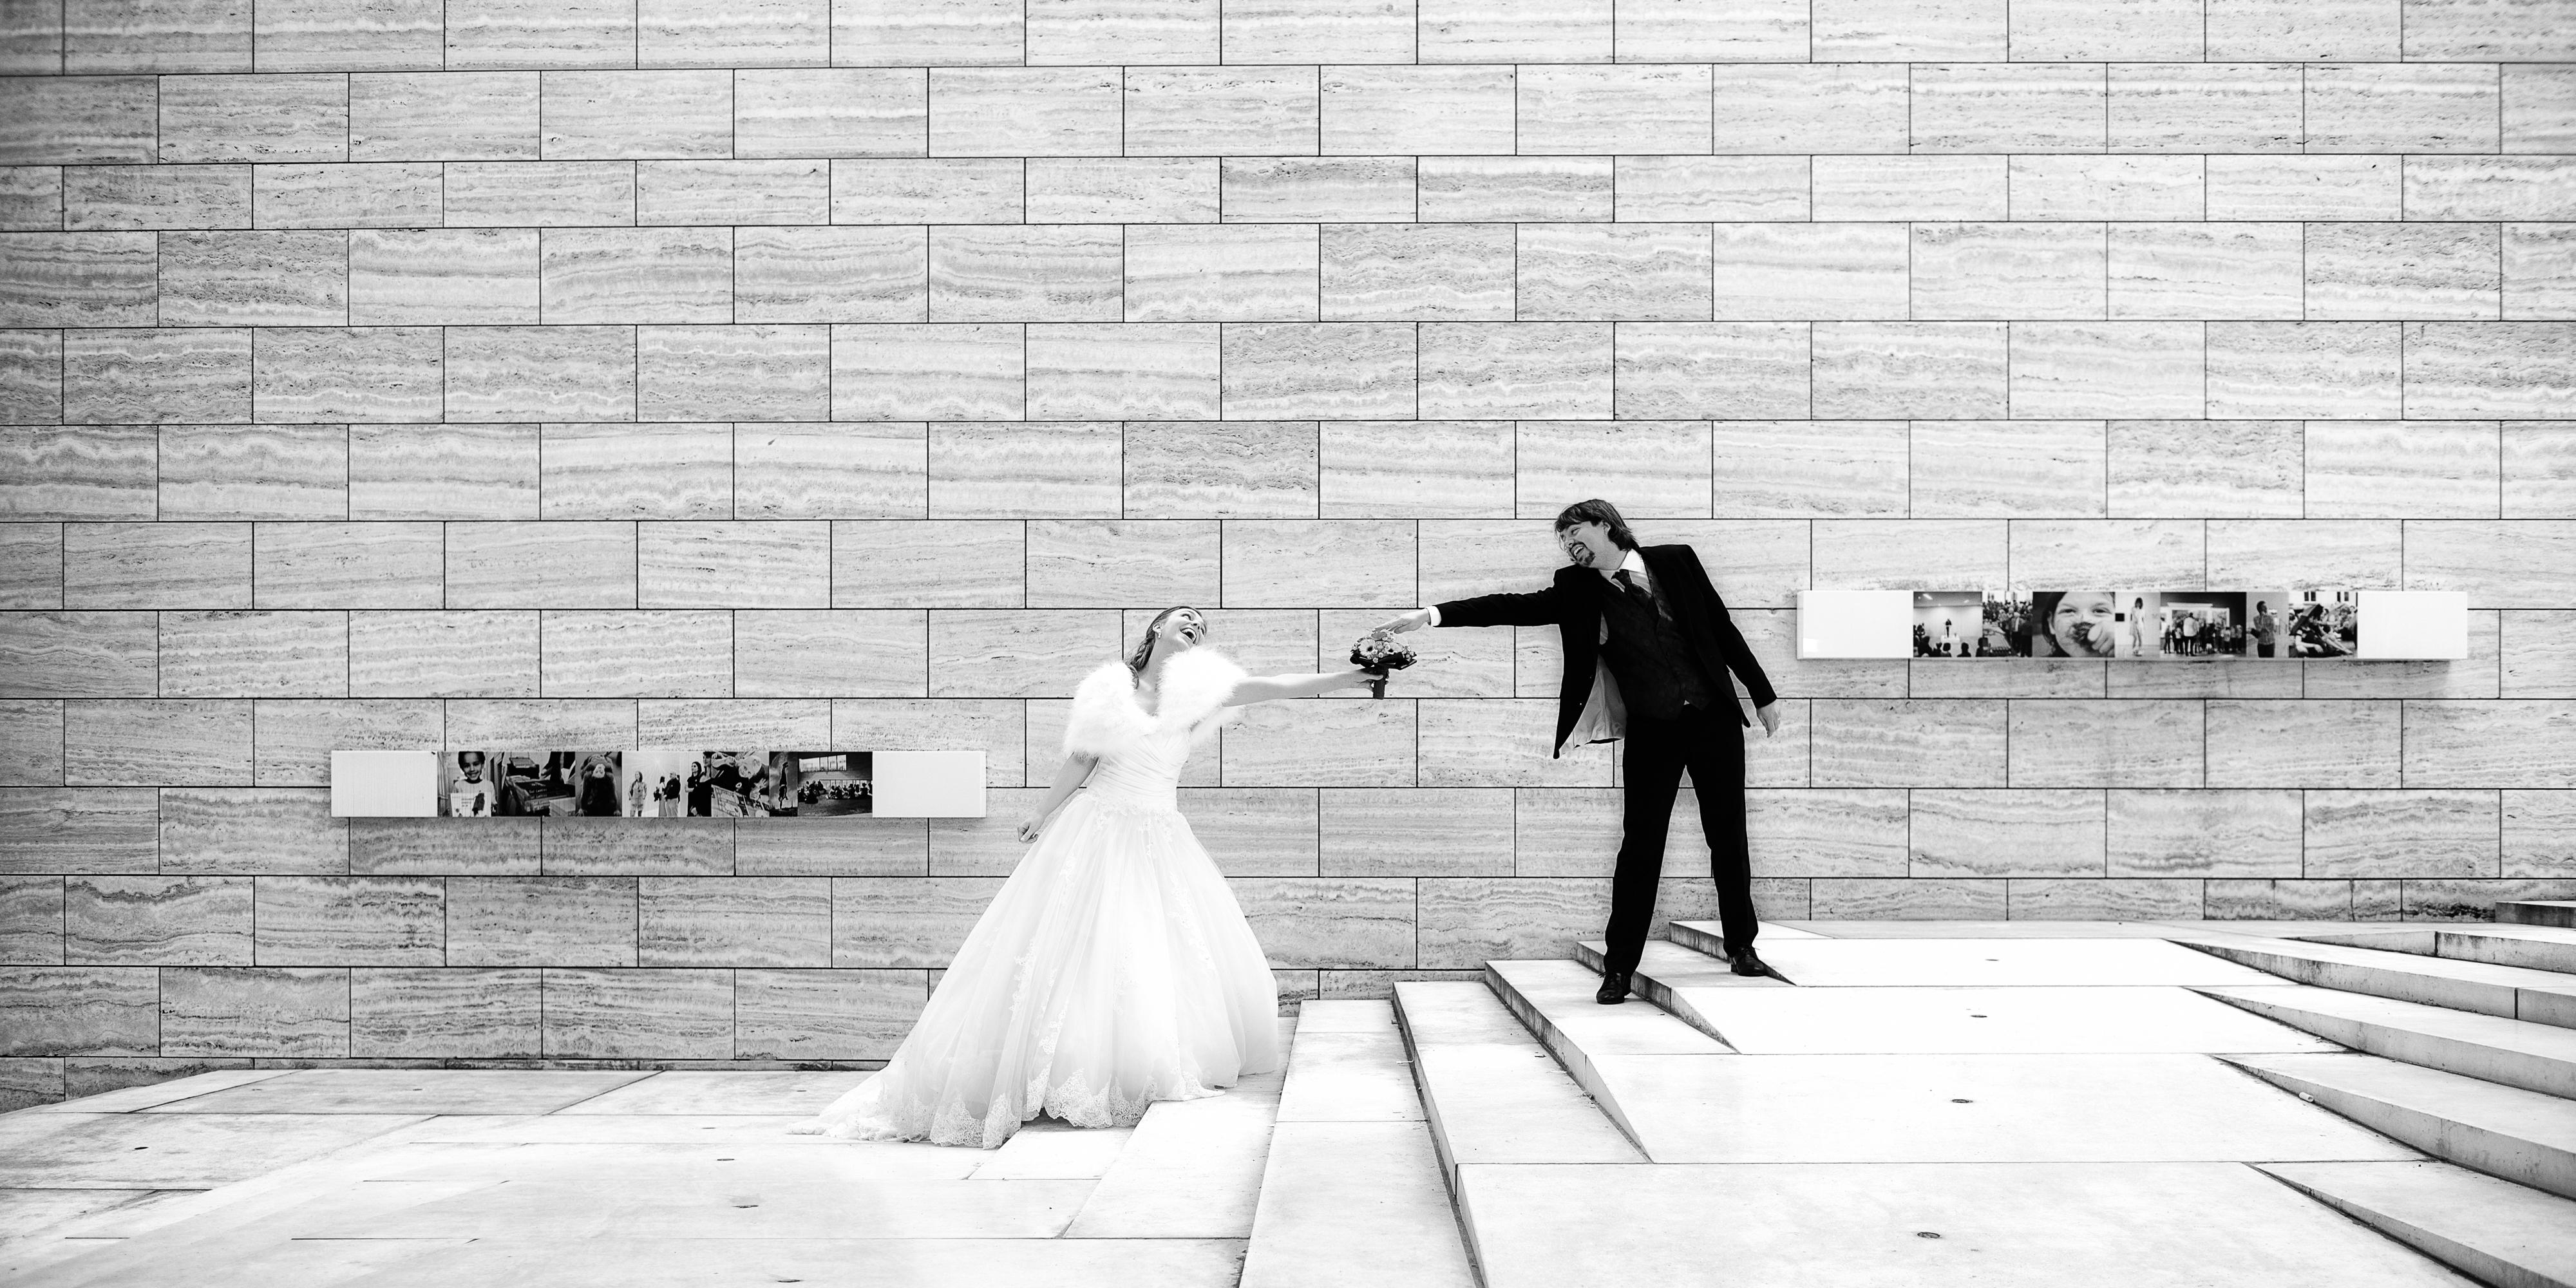 huwelijksreportage in Leuven Willem De Leeuw trouwreportage